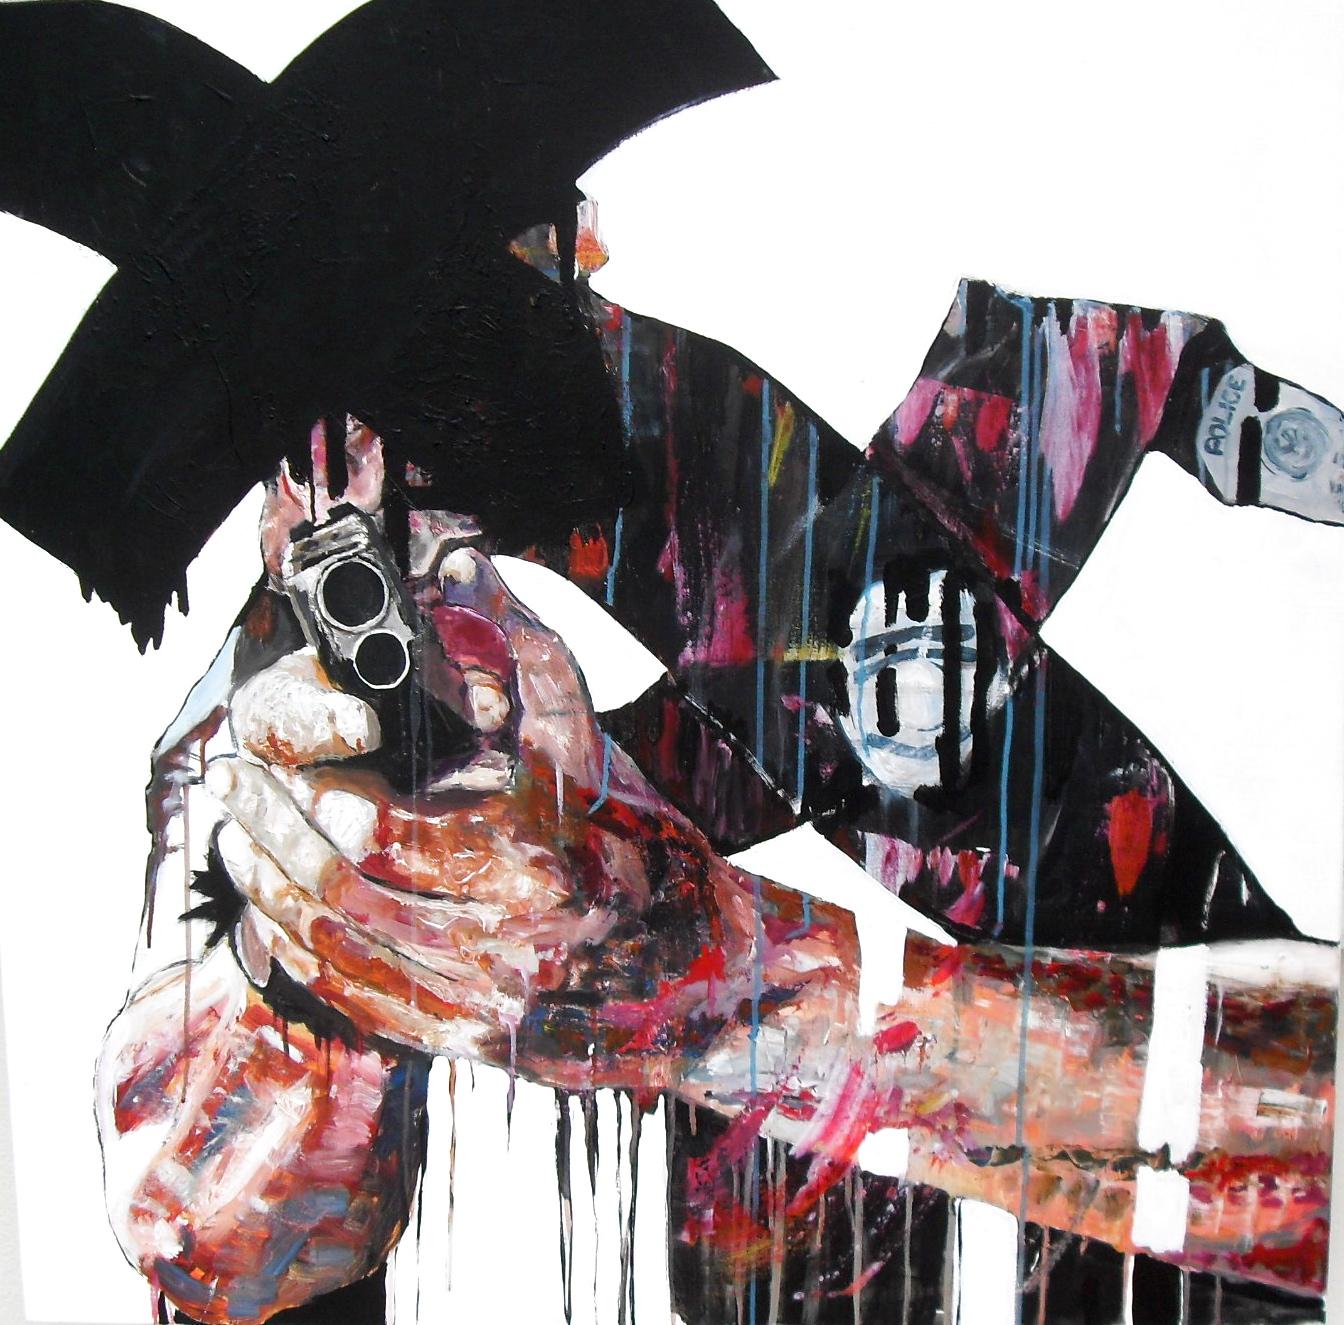 Hands up ! Acrylique sur toile/ acrylic on canvas 100 x 100 cm, par Stanmac 2016. Deux mains tenant le spectateur sous la menace d'un positolet.